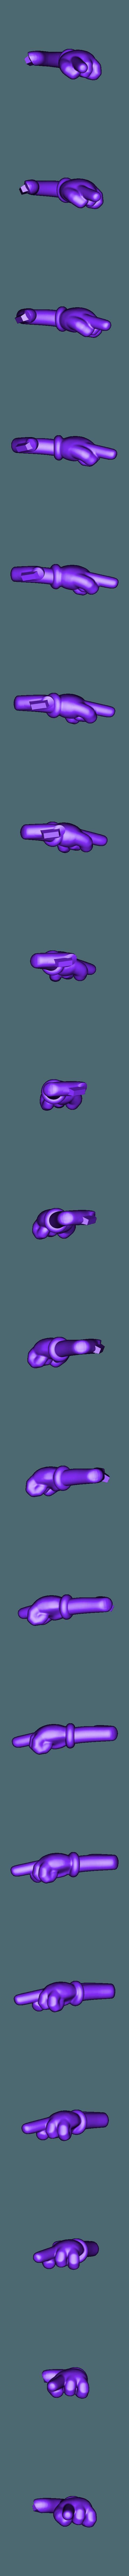 MM'S Jaune - Bras Gauche.stl Télécharger fichier STL gratuit Jaune - MM's • Design pour impression 3D, BODY3D